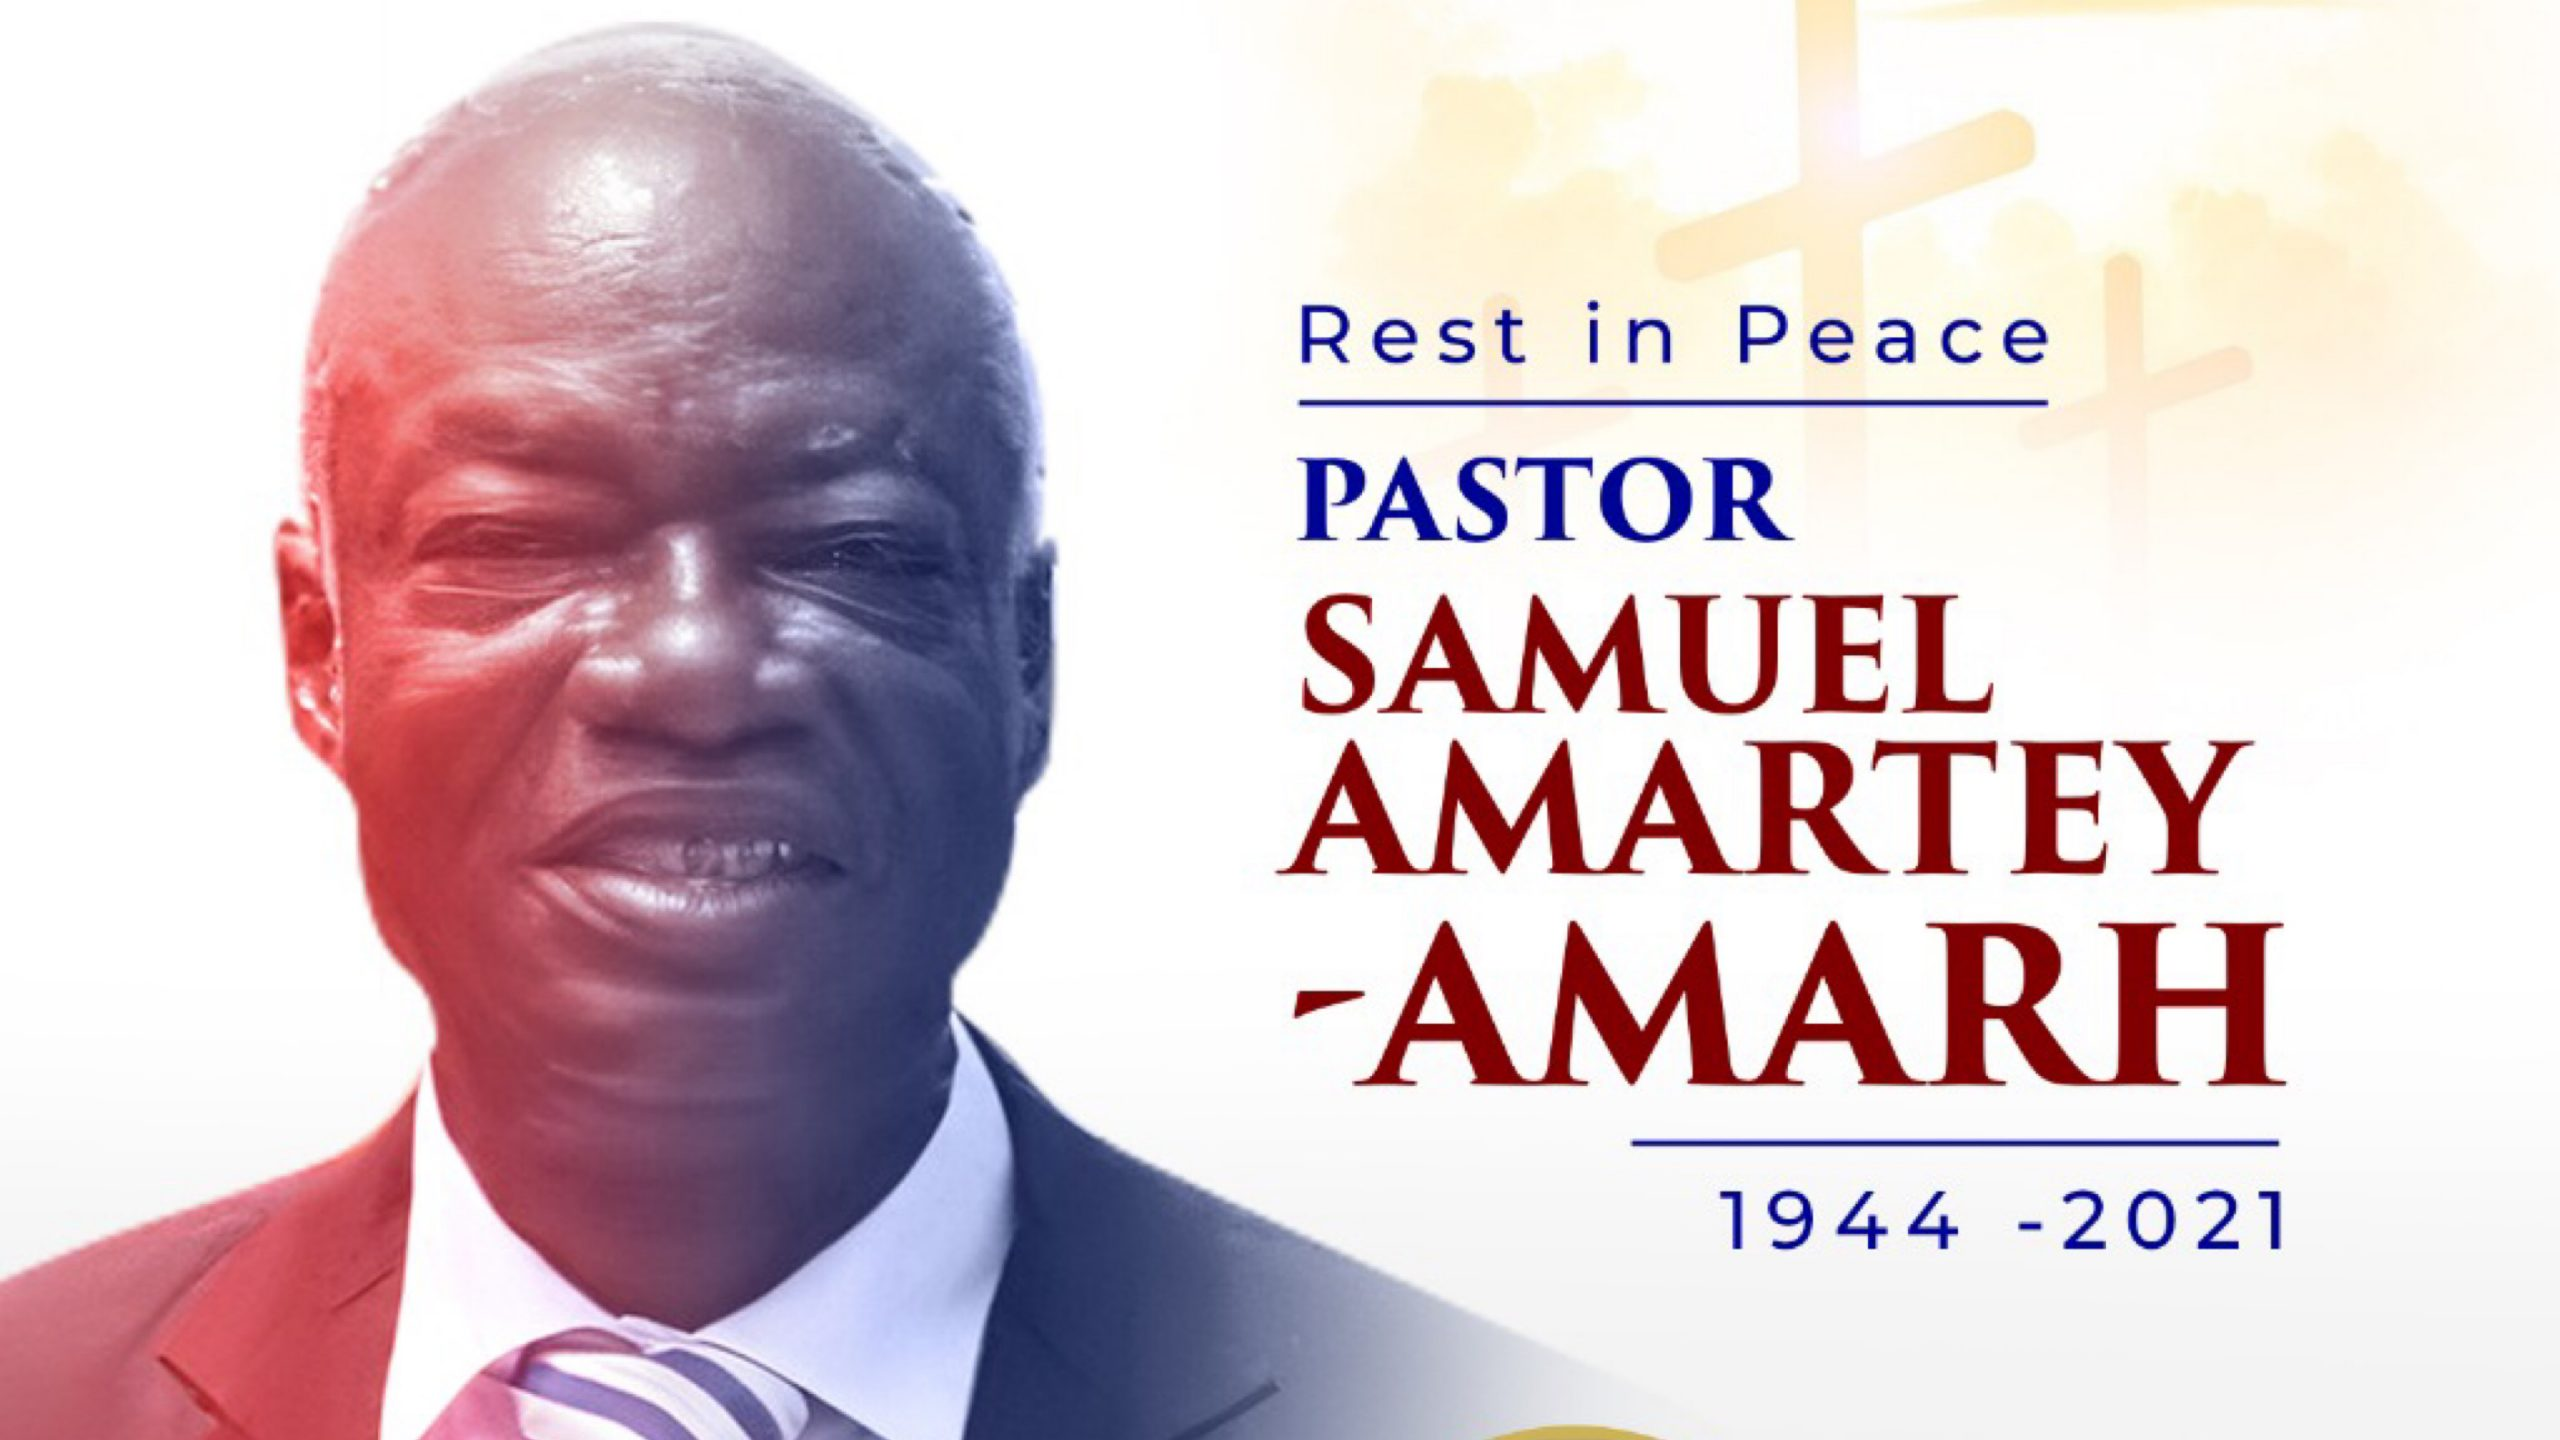 Pastor Samuel Amartey-Amarh: A Life Well Lived